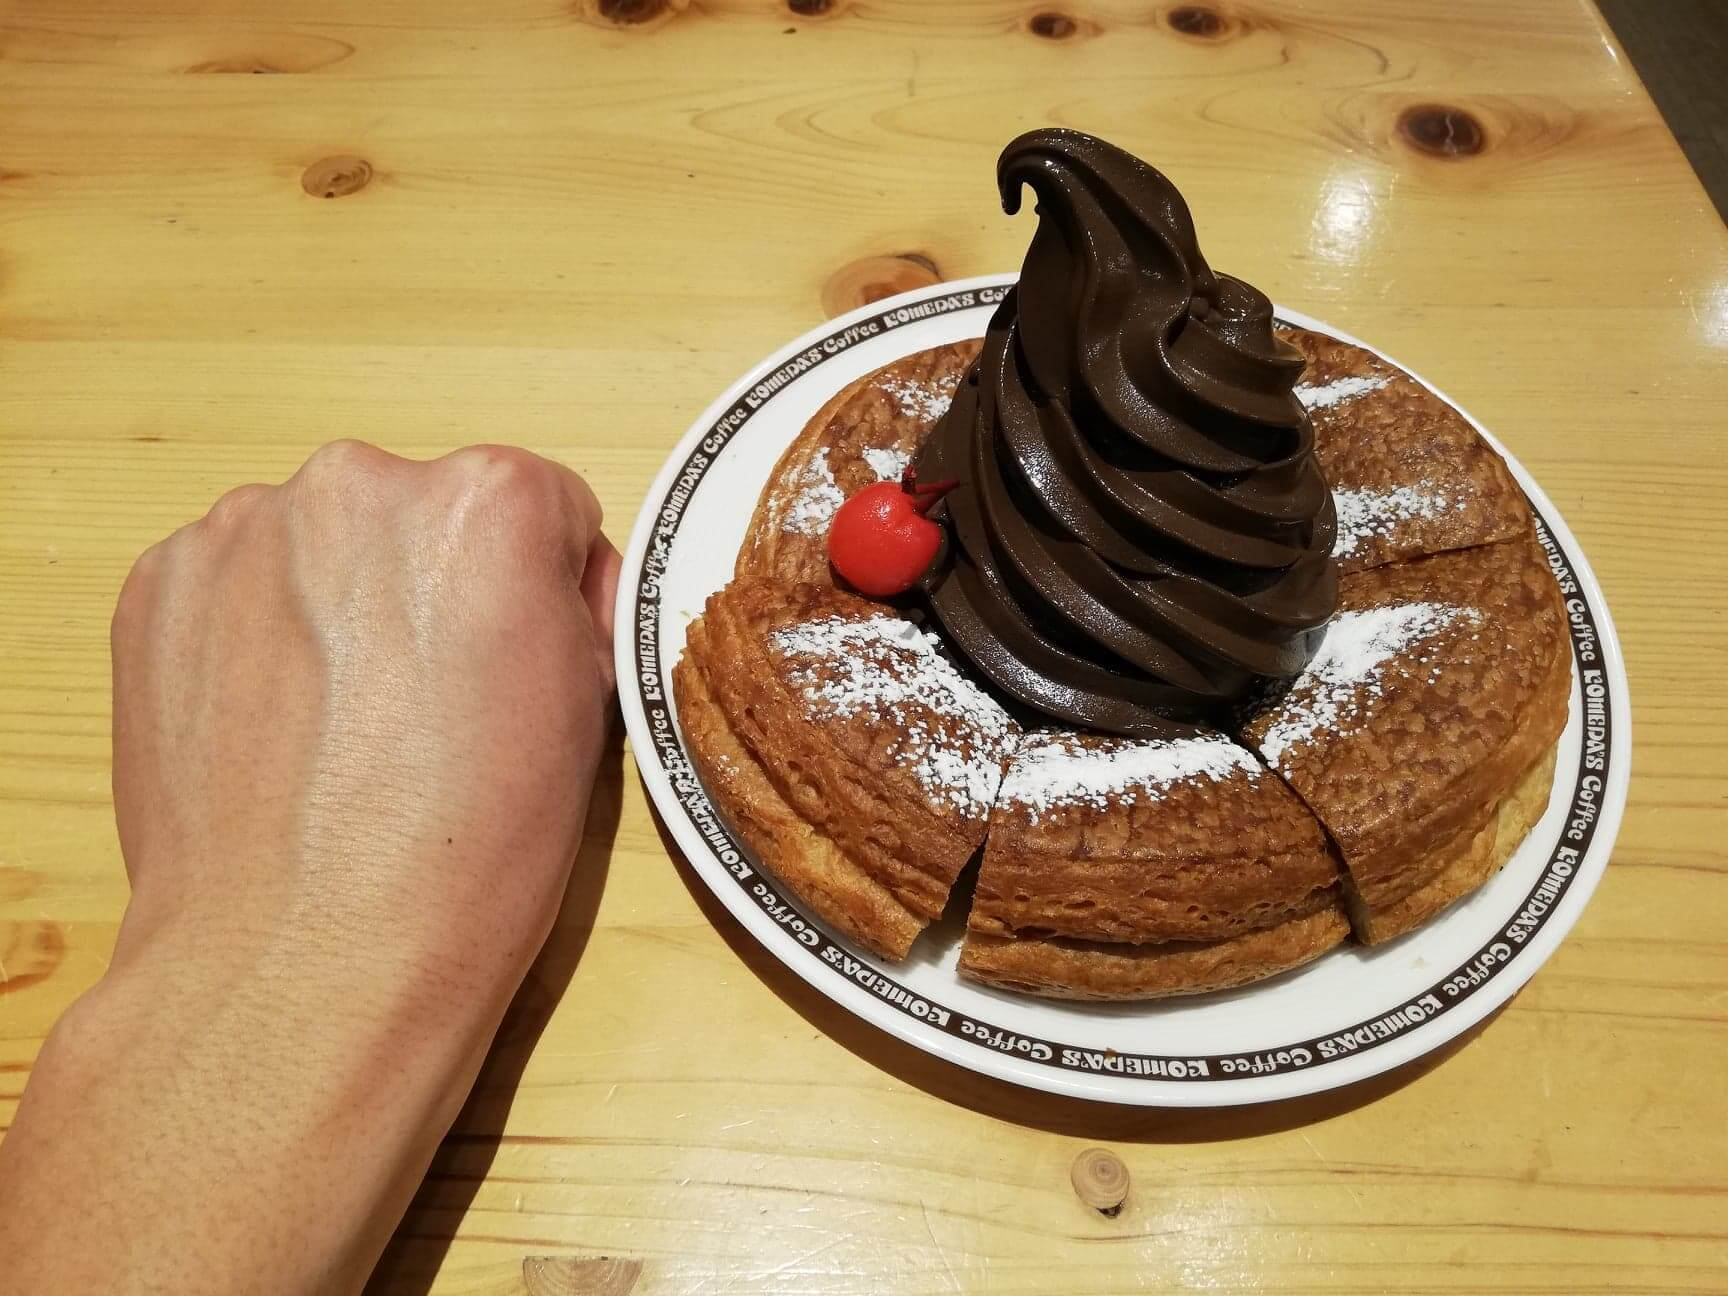 コメダ珈琲店の『ショコラノワール』と拳のサイズ比較写真